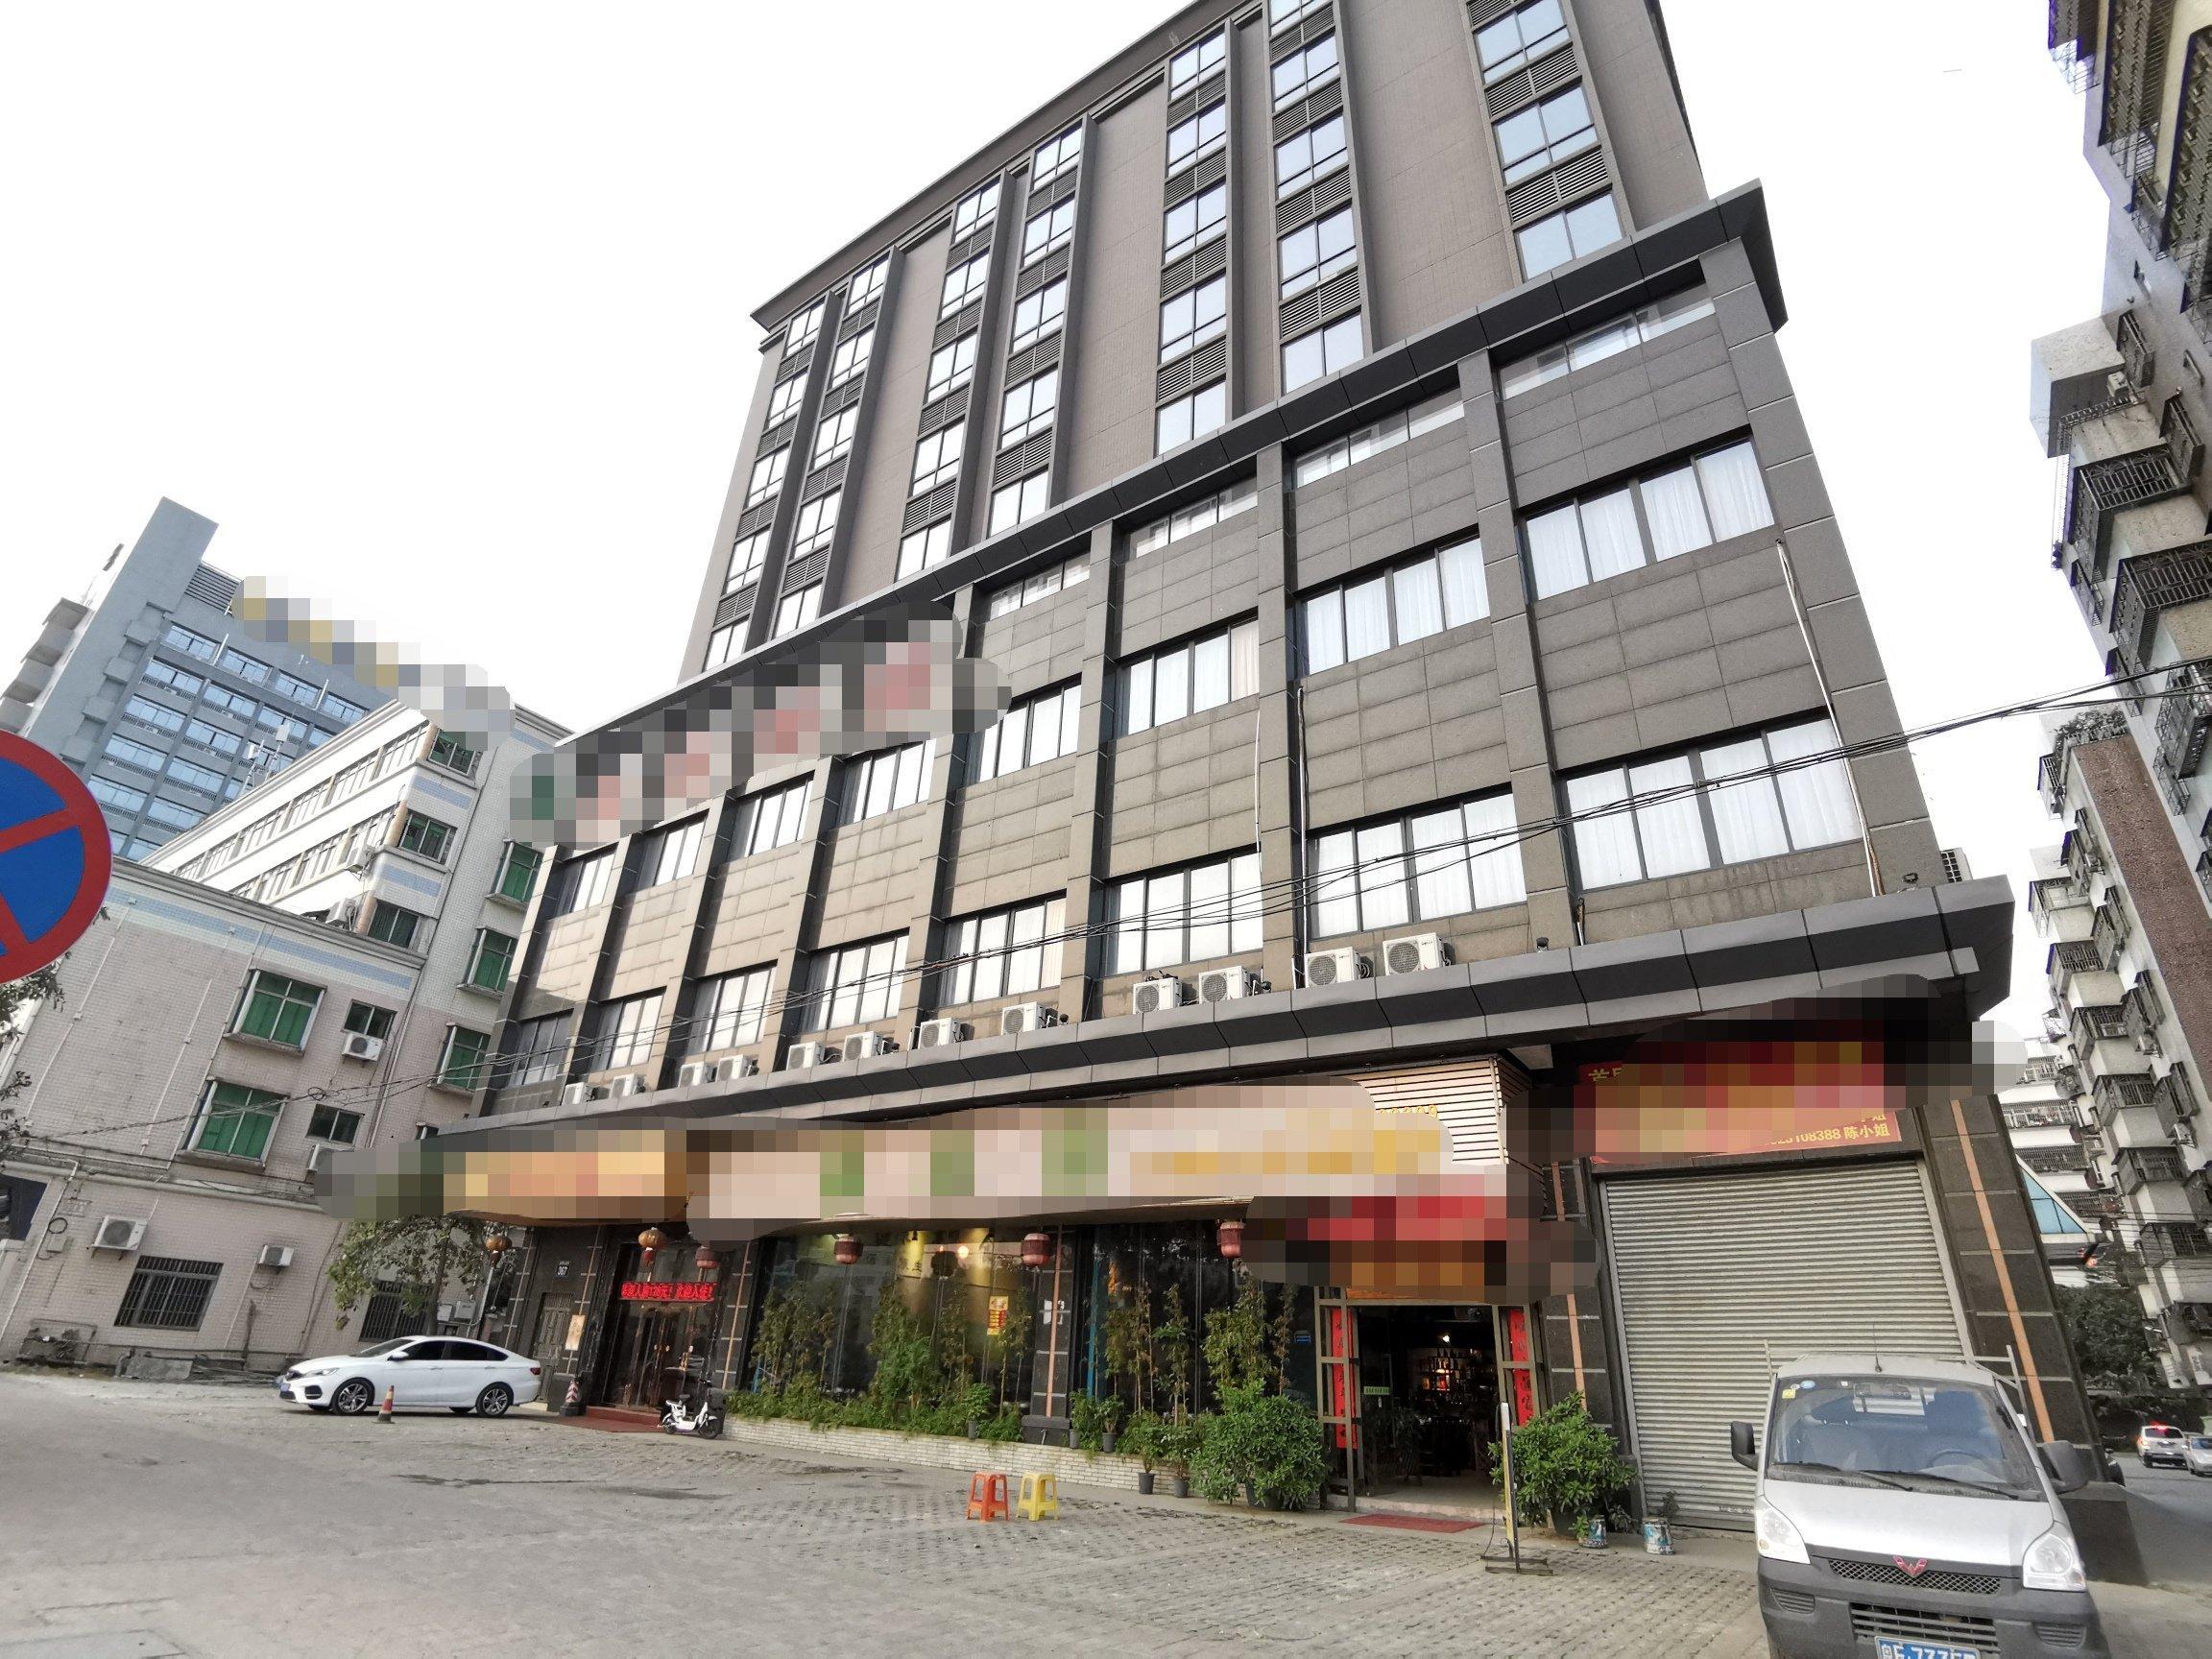 高明区荷城街道商业大楼出租,可做办公、培训、写字楼、网咖。